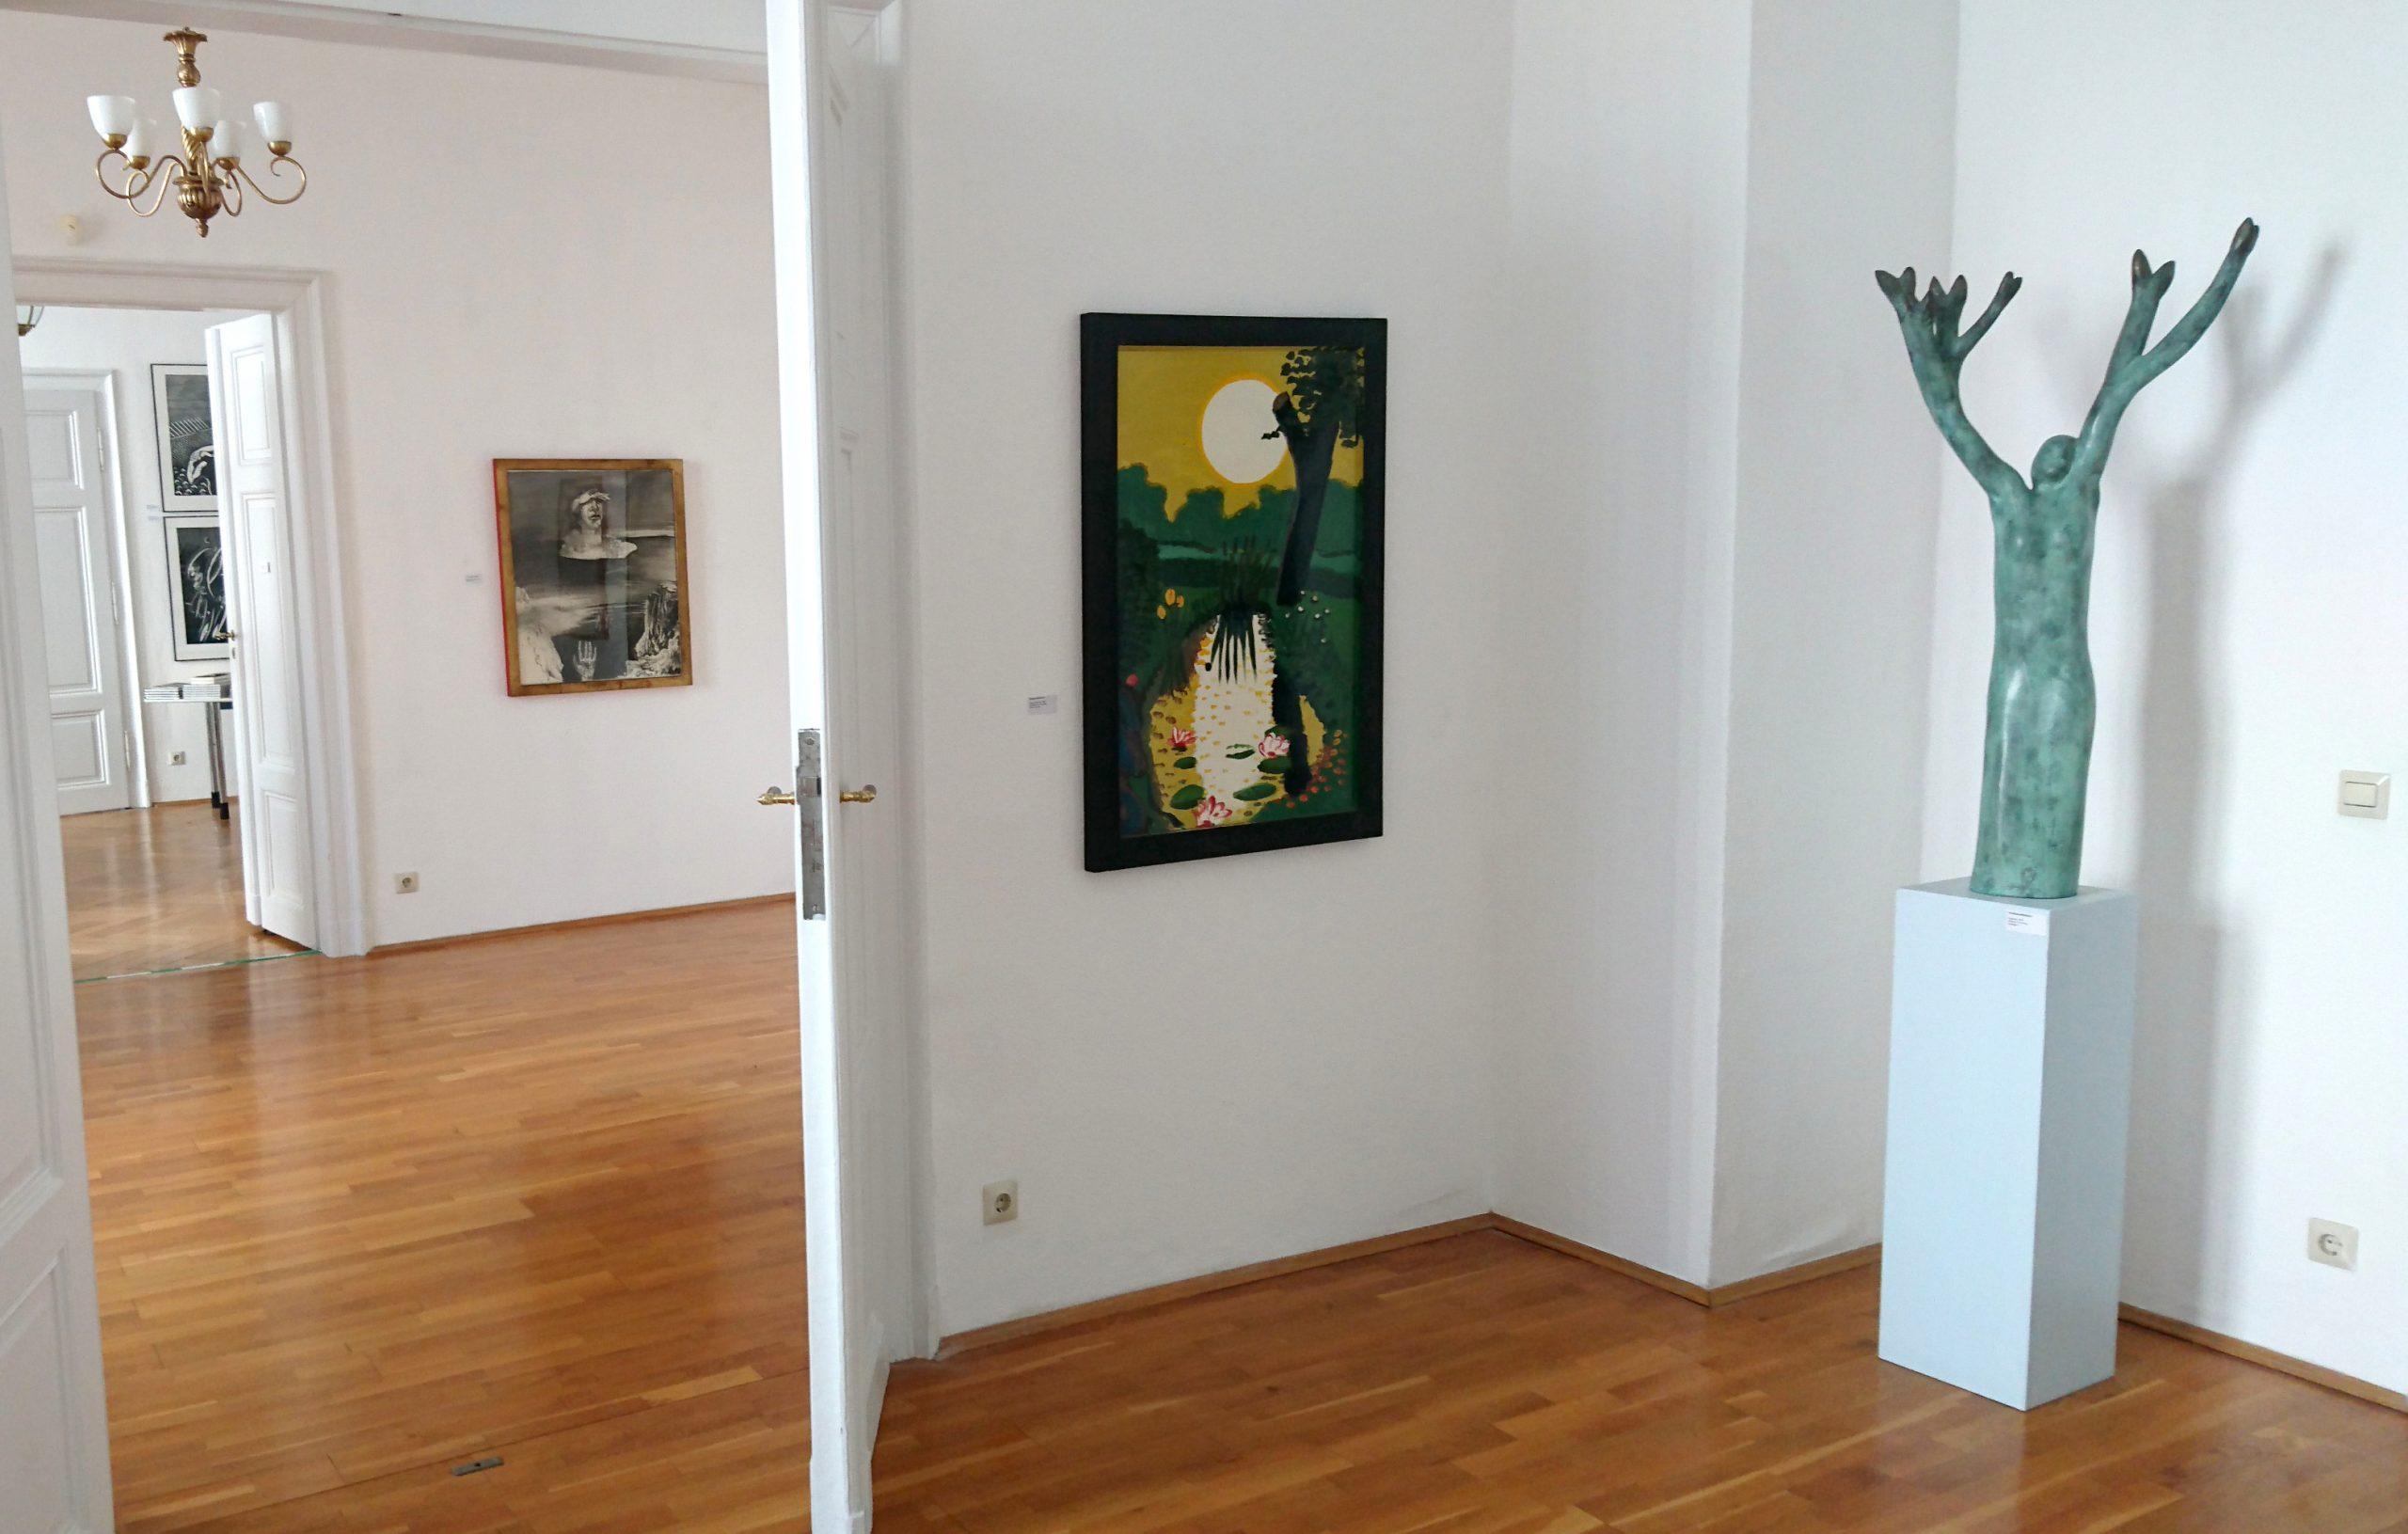 Ausstellung der Ursula Mattheuer-Neustädt und Wolfgang Mattheuer Stiftung – 03.09.–05.09., jeweils 12.00–17.00 Uhr